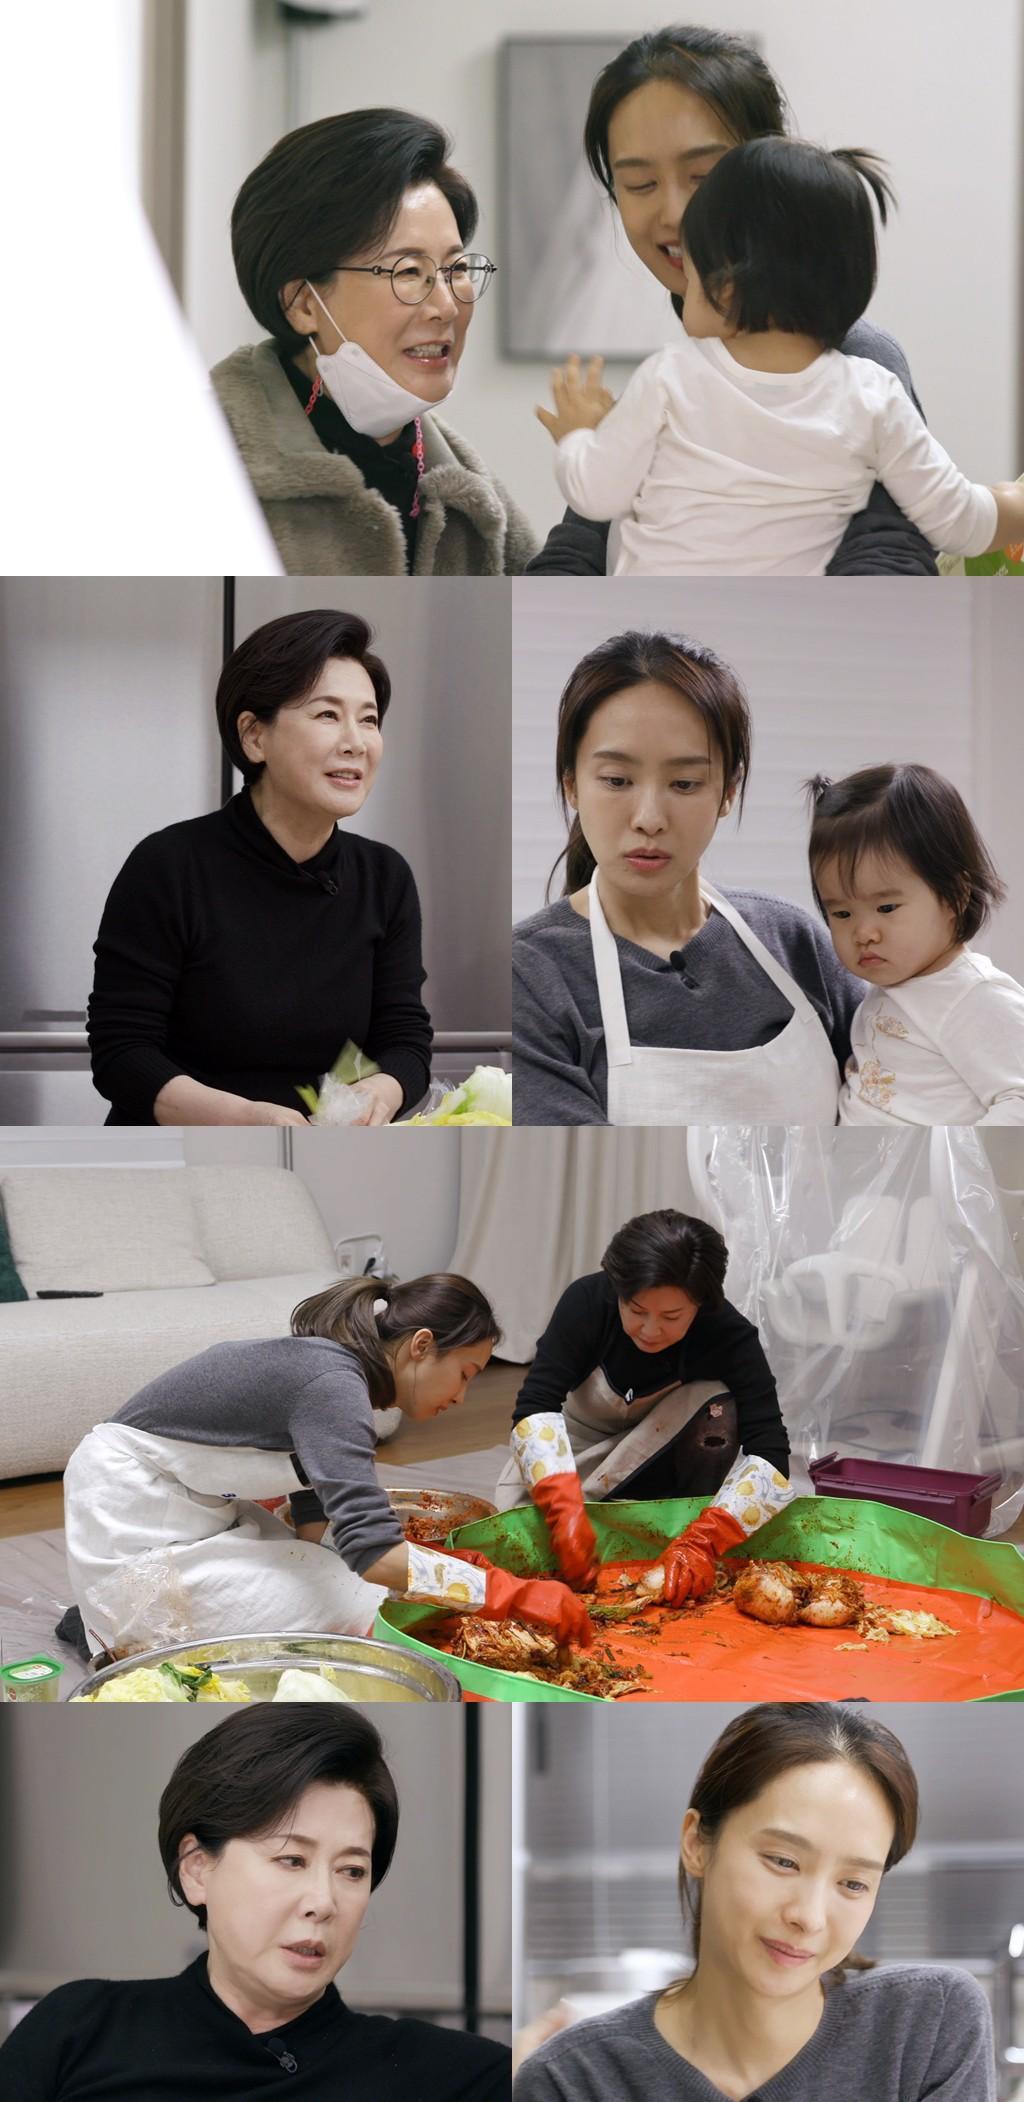 박정수, 떠난 박정아에게 '내 딸을 해줘'눈물